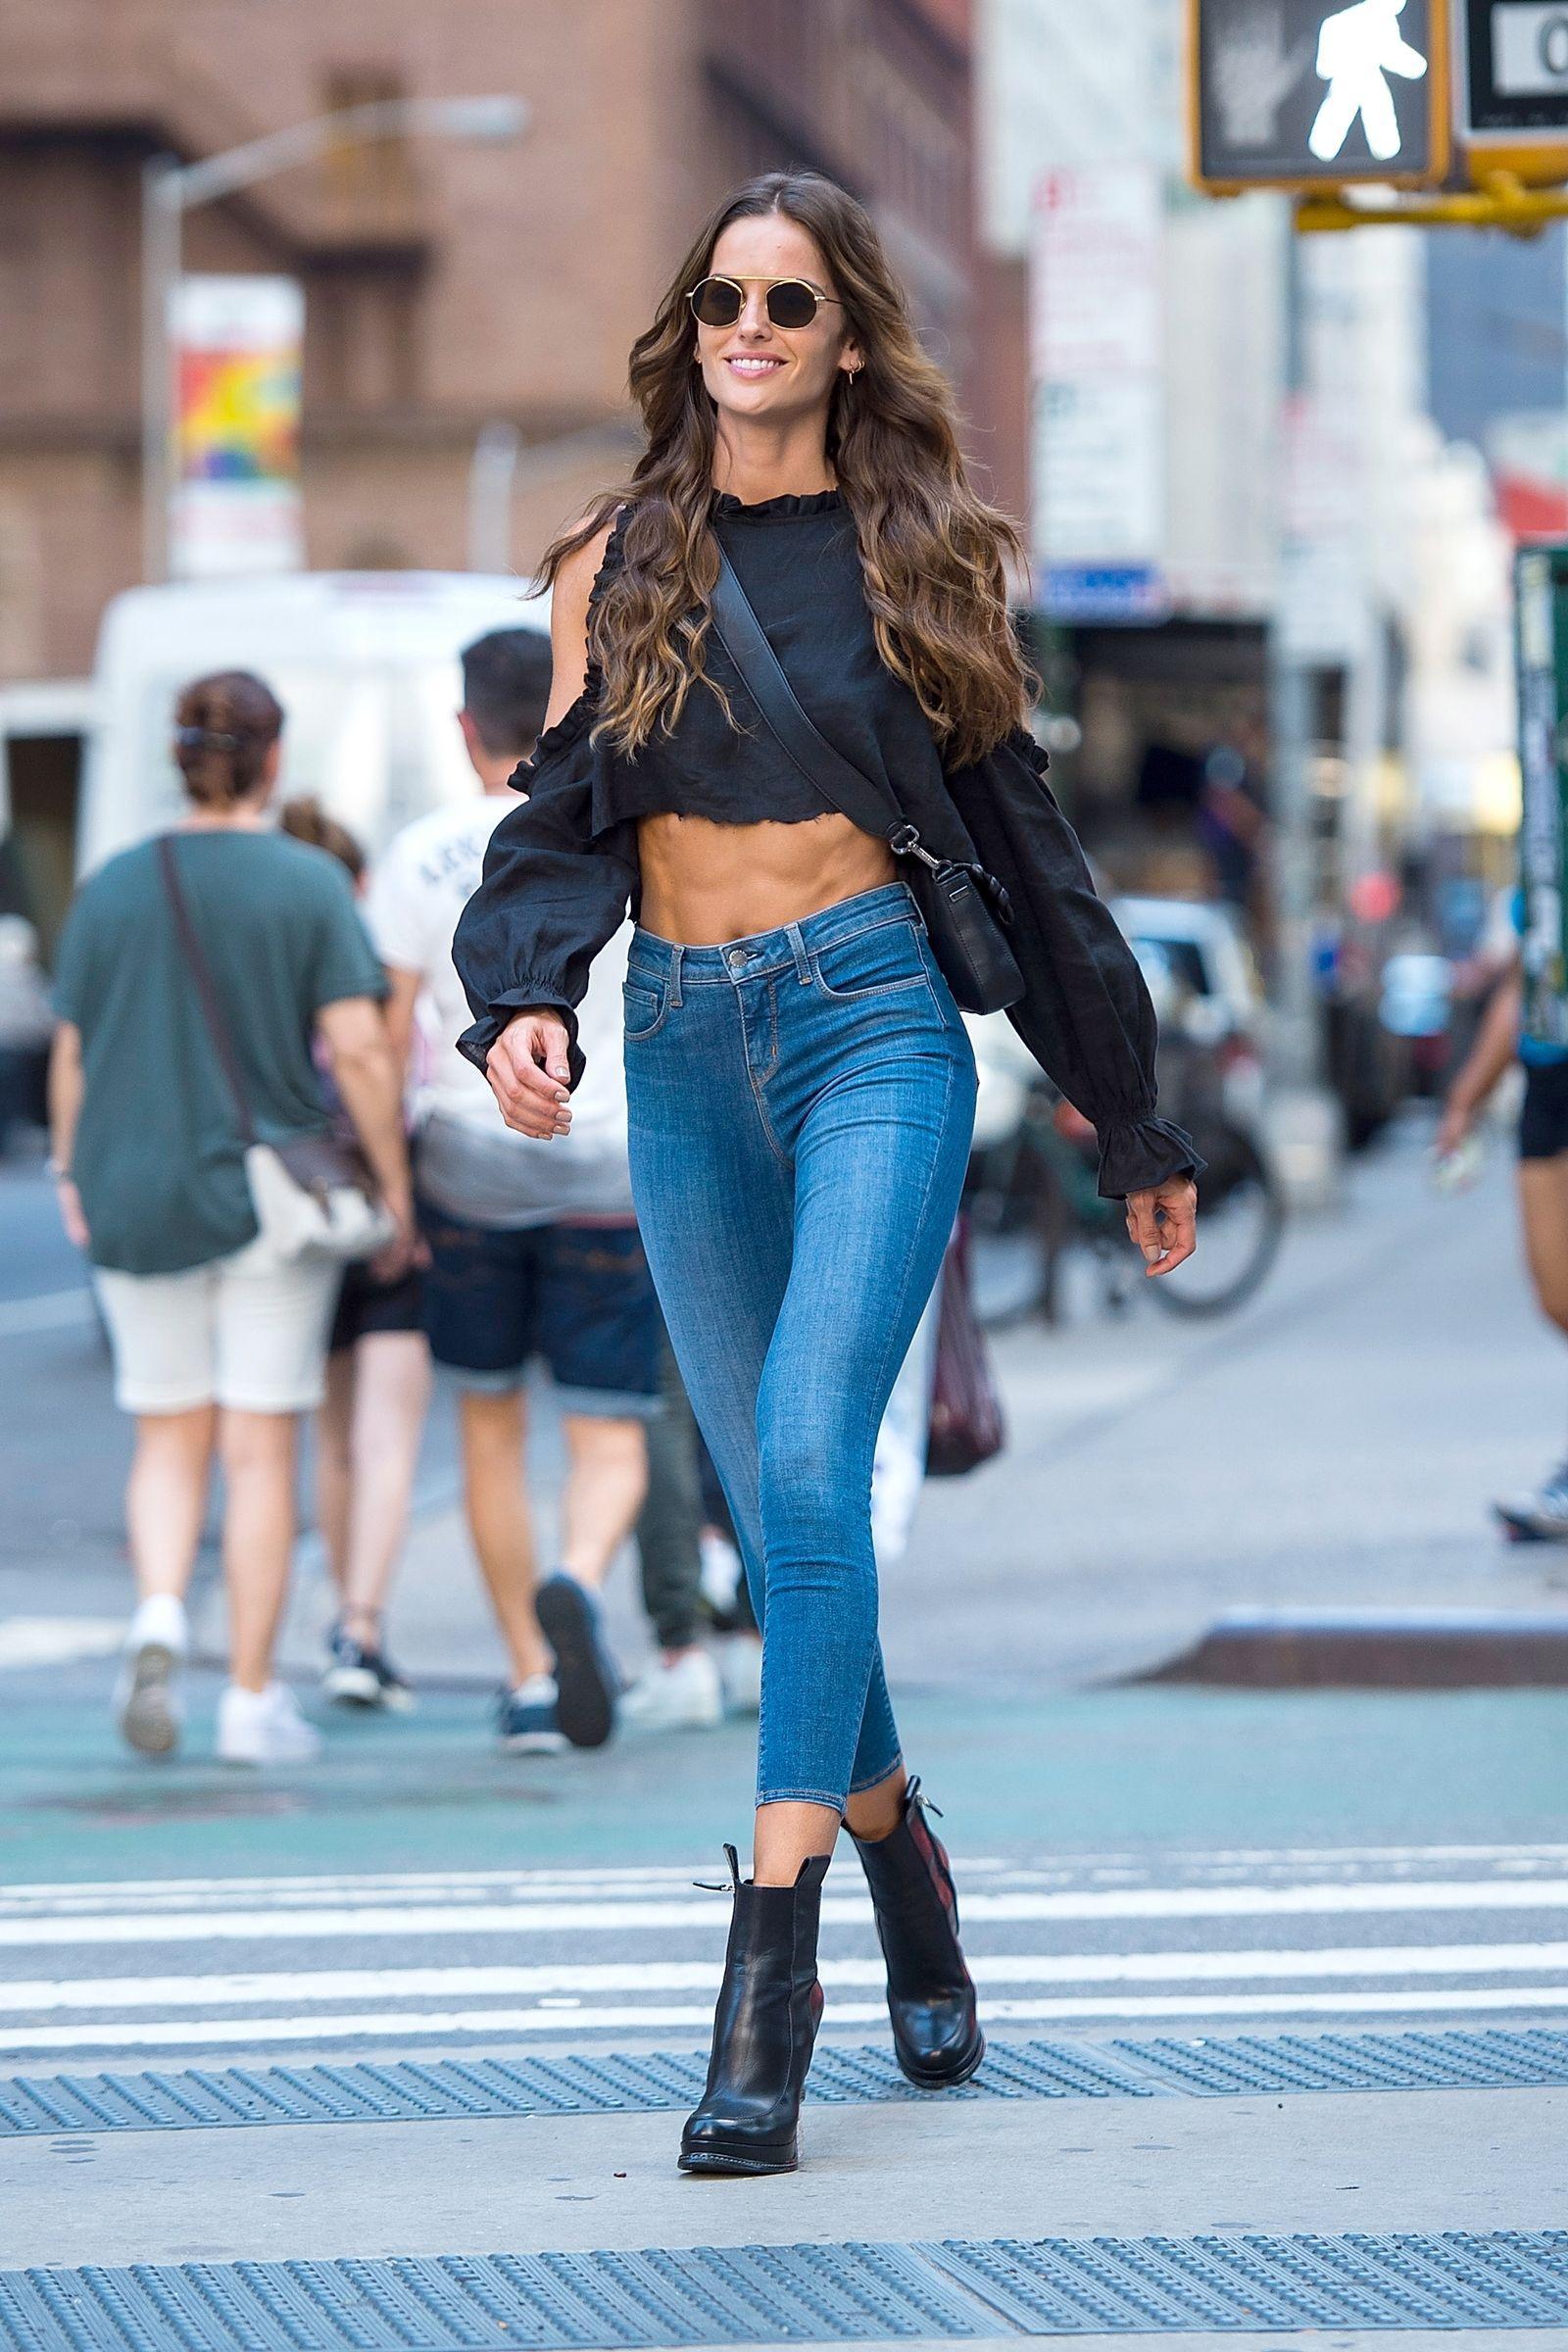 What do Celebrities Wear Celebrities Fashion Secrets